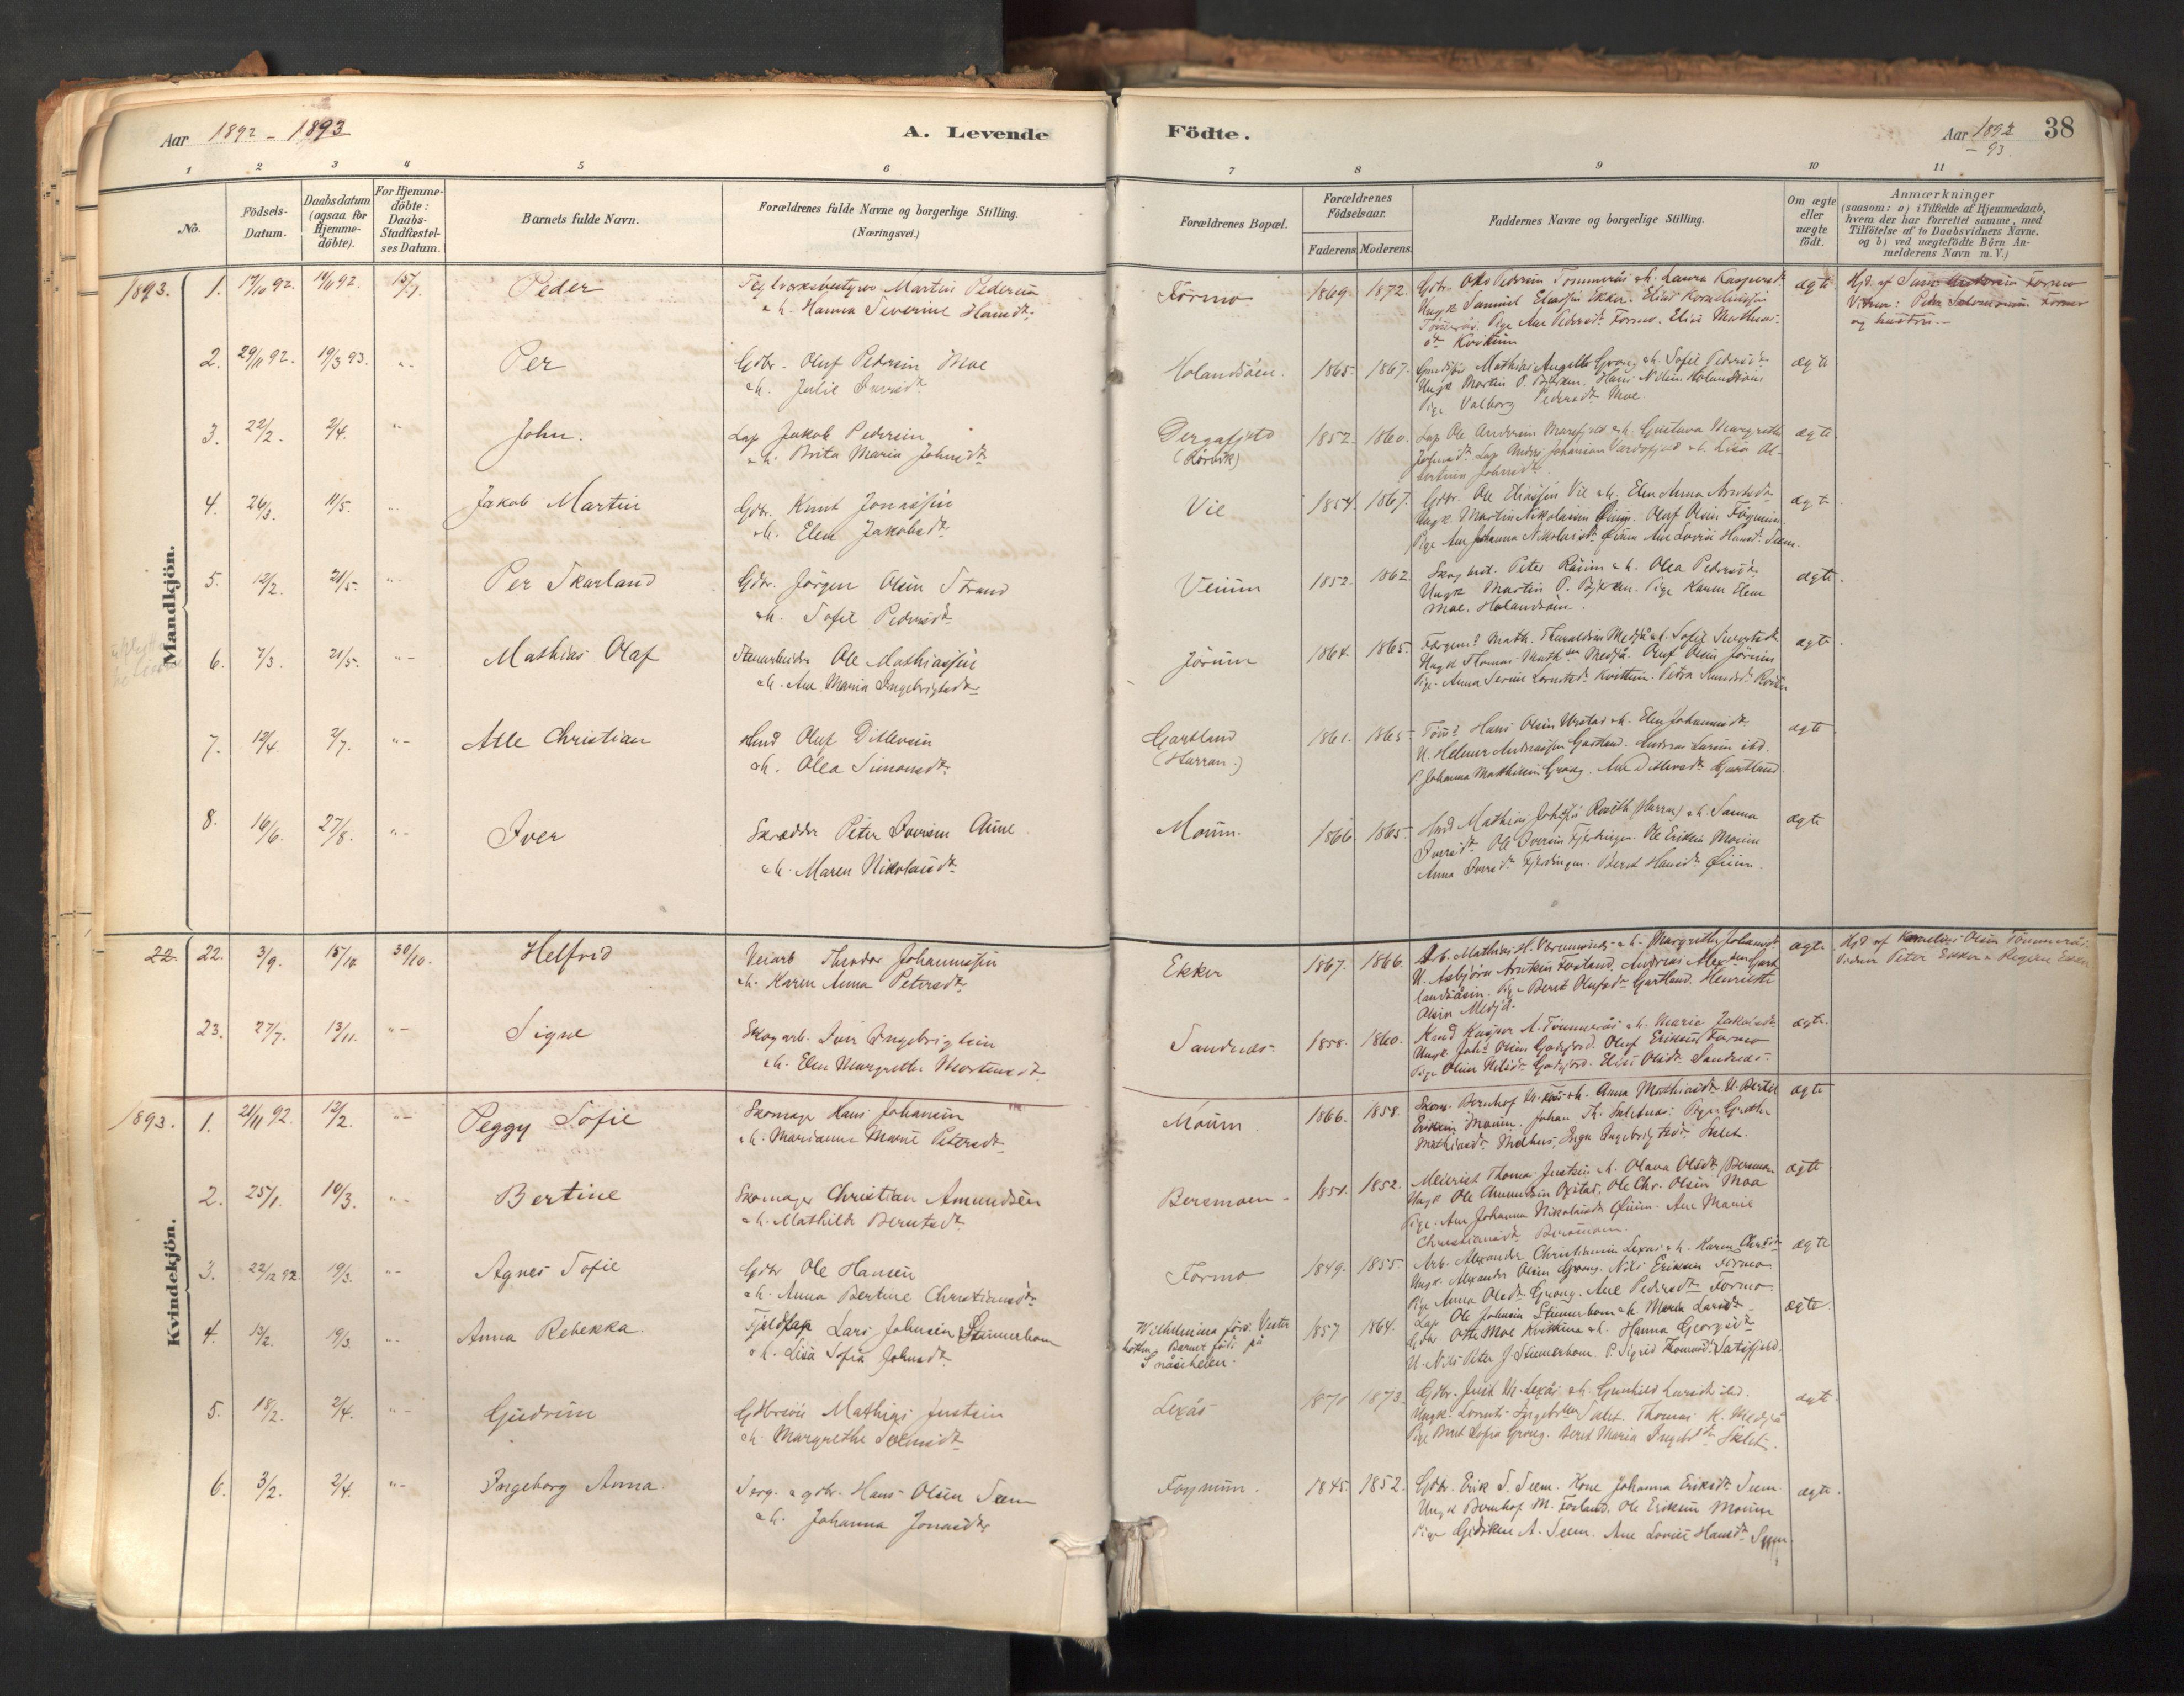 SAT, Ministerialprotokoller, klokkerbøker og fødselsregistre - Nord-Trøndelag, 758/L0519: Ministerialbok nr. 758A04, 1880-1926, s. 38